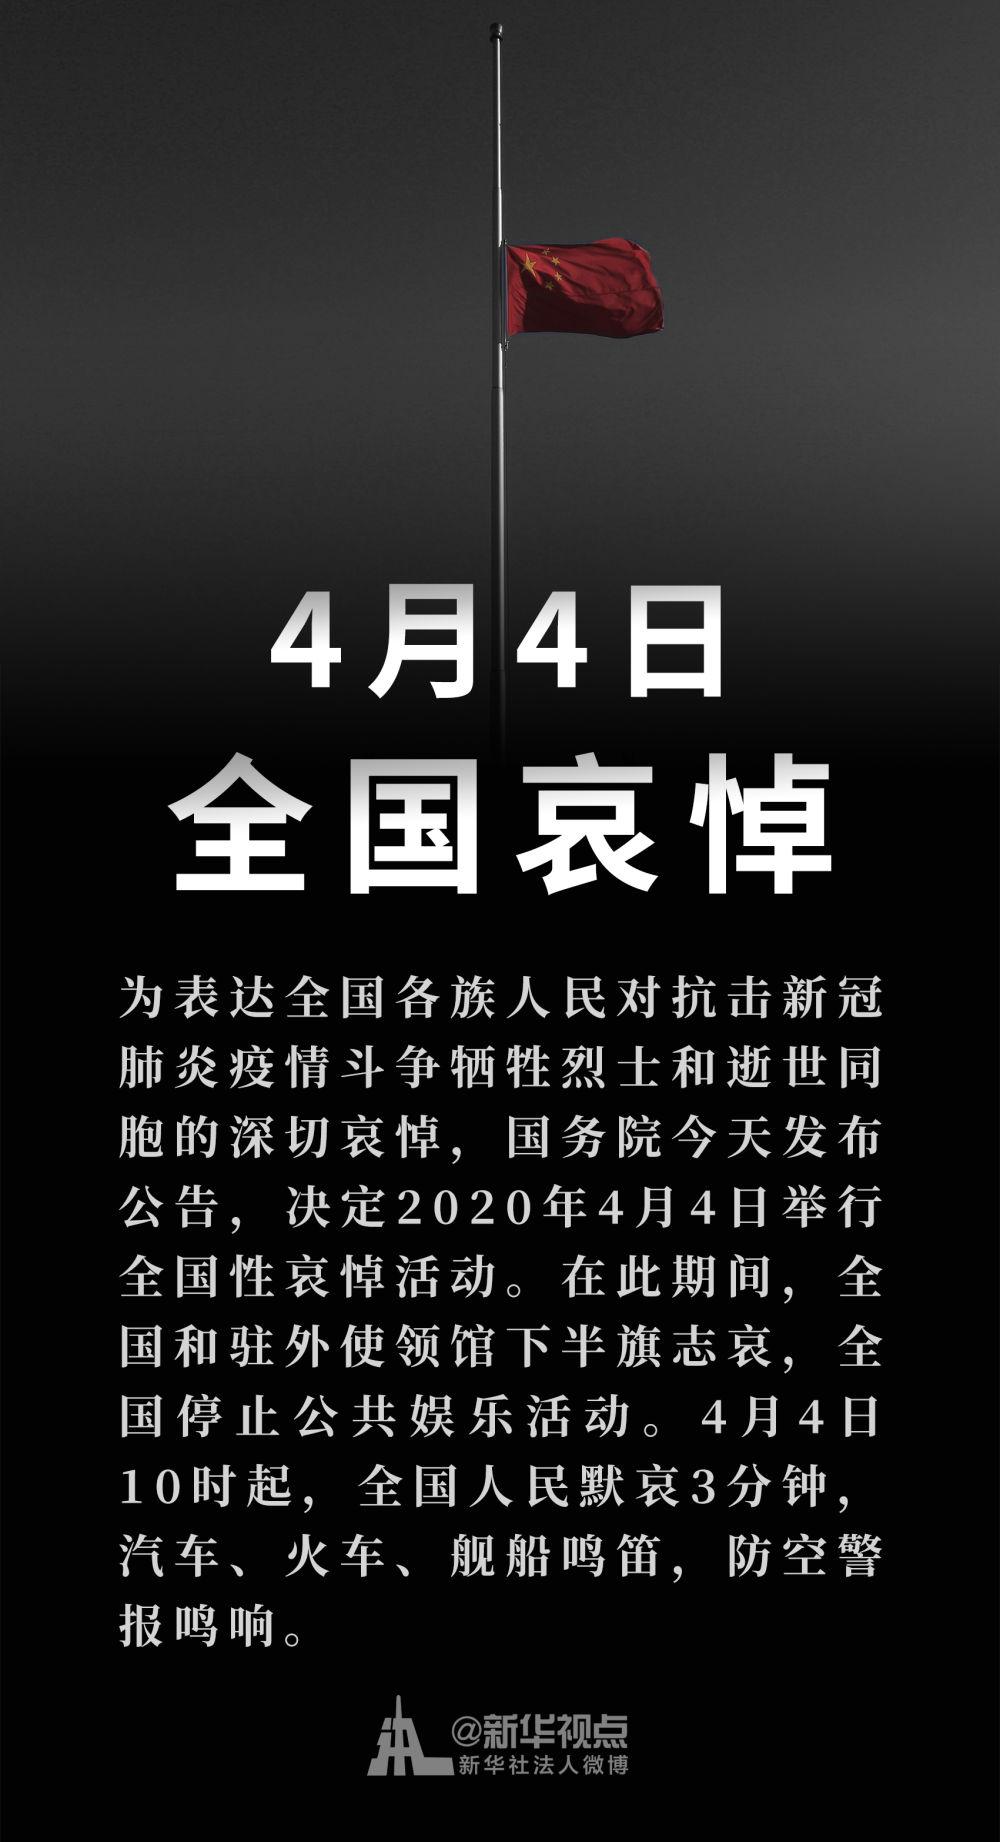 国务院公告:2020年4月4日举行全国性哀悼活动图片